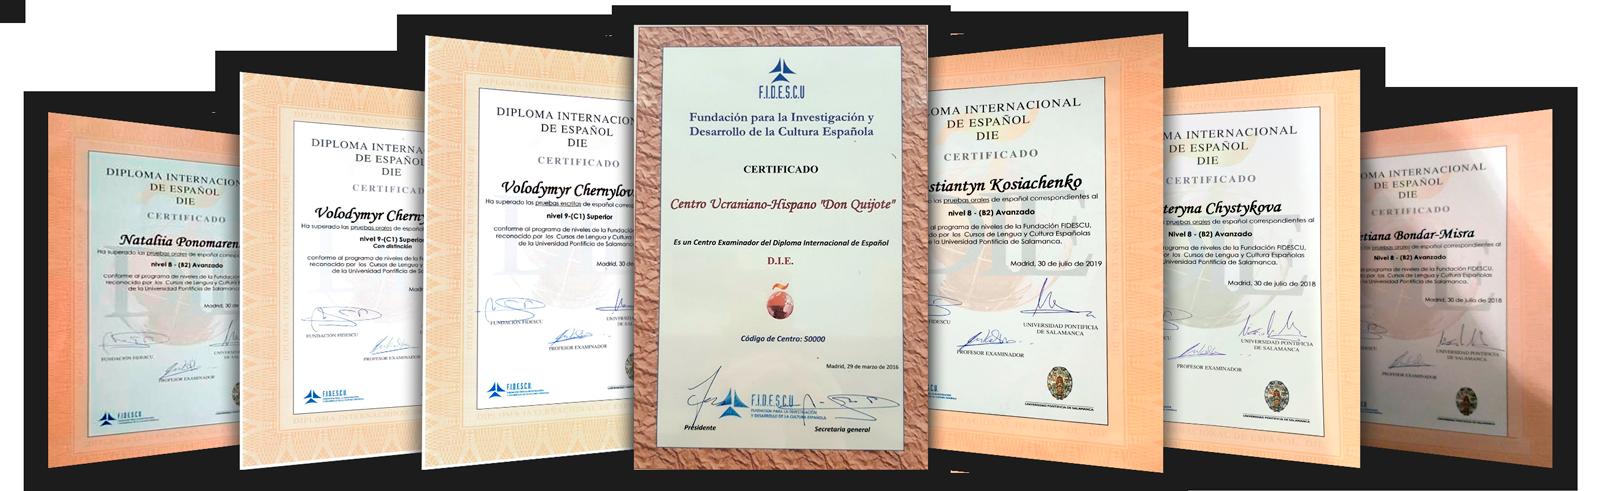 Новости Днепра про Украино-Испанский Центр «Дон Кихот»